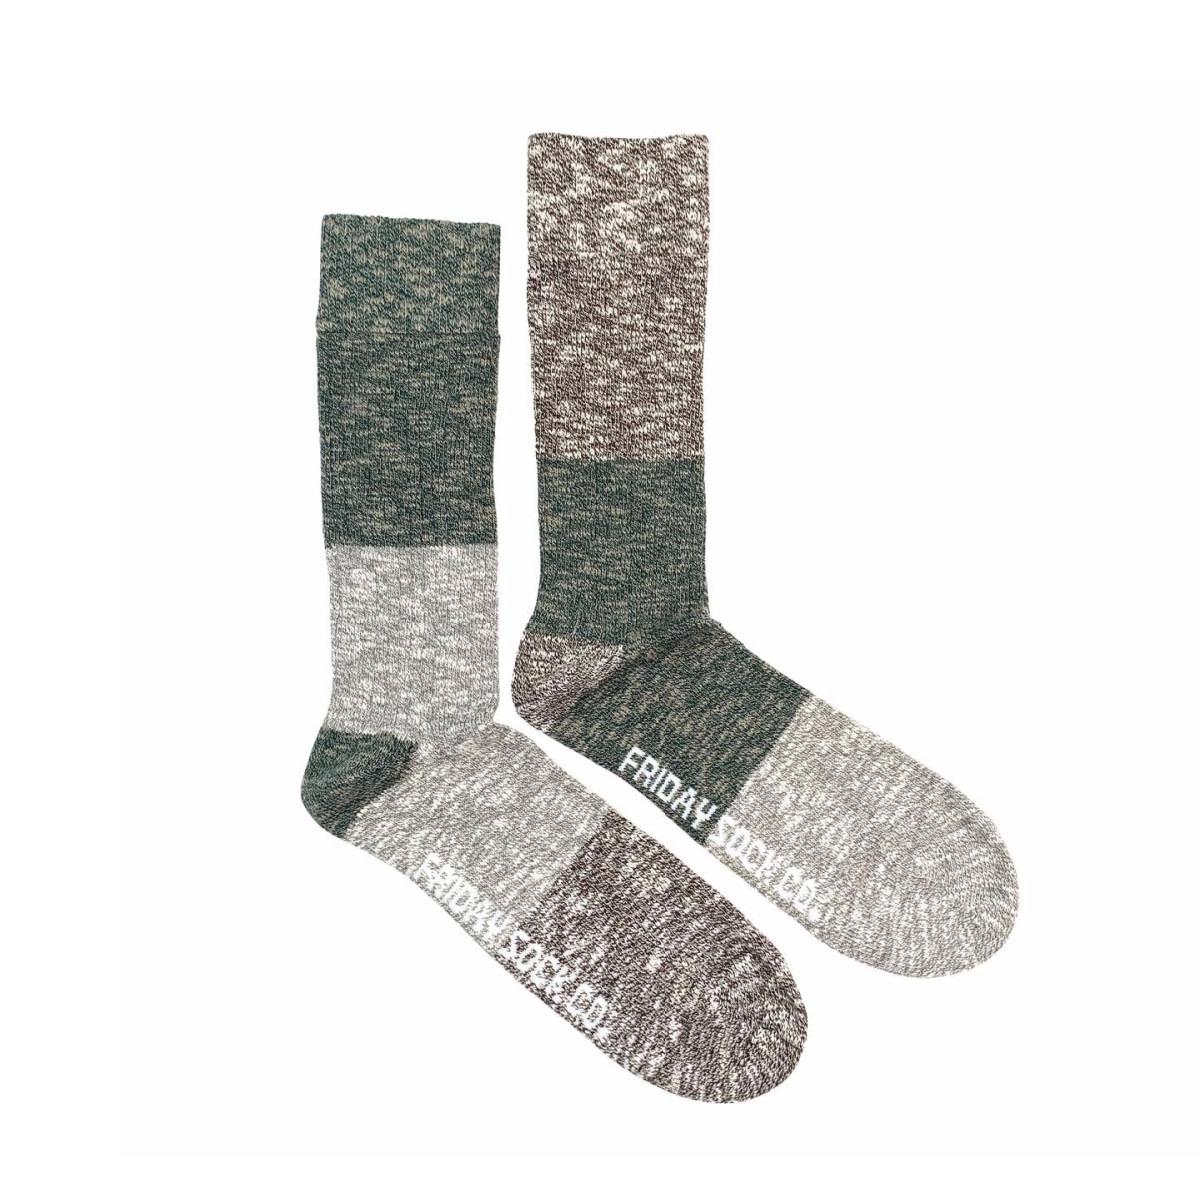 Friday Sock Co. Friday Sock Co. Men's Evergreen Camp Socks